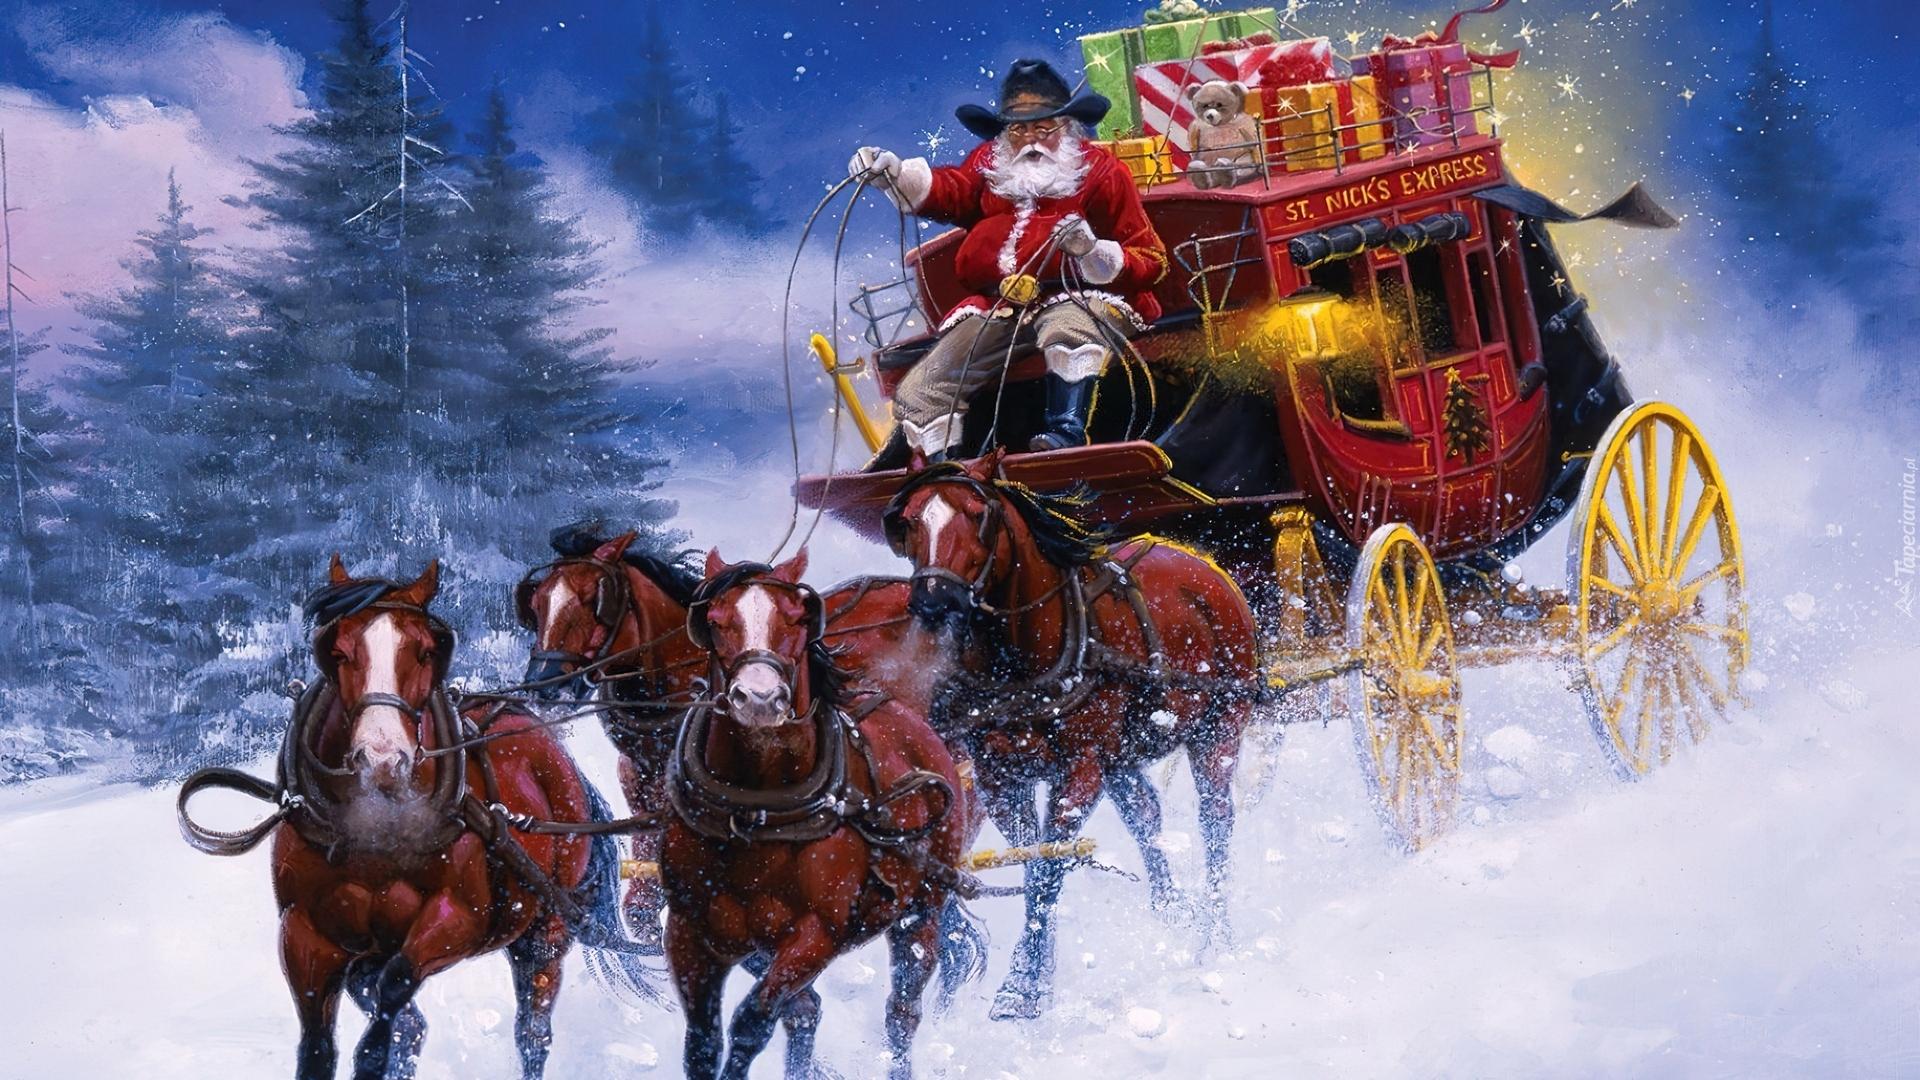 http://www.tapeciarnia.pl/tapety/normalne/149278_mikolaj_powoz_konie_snieg_prezenty.jpg